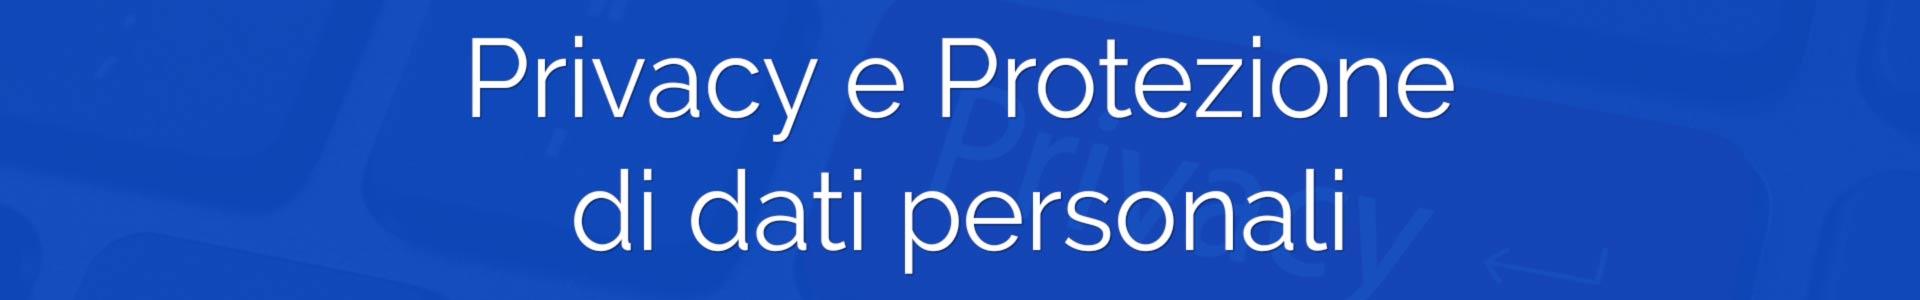 privacy e protezione dei dati personali GDPR